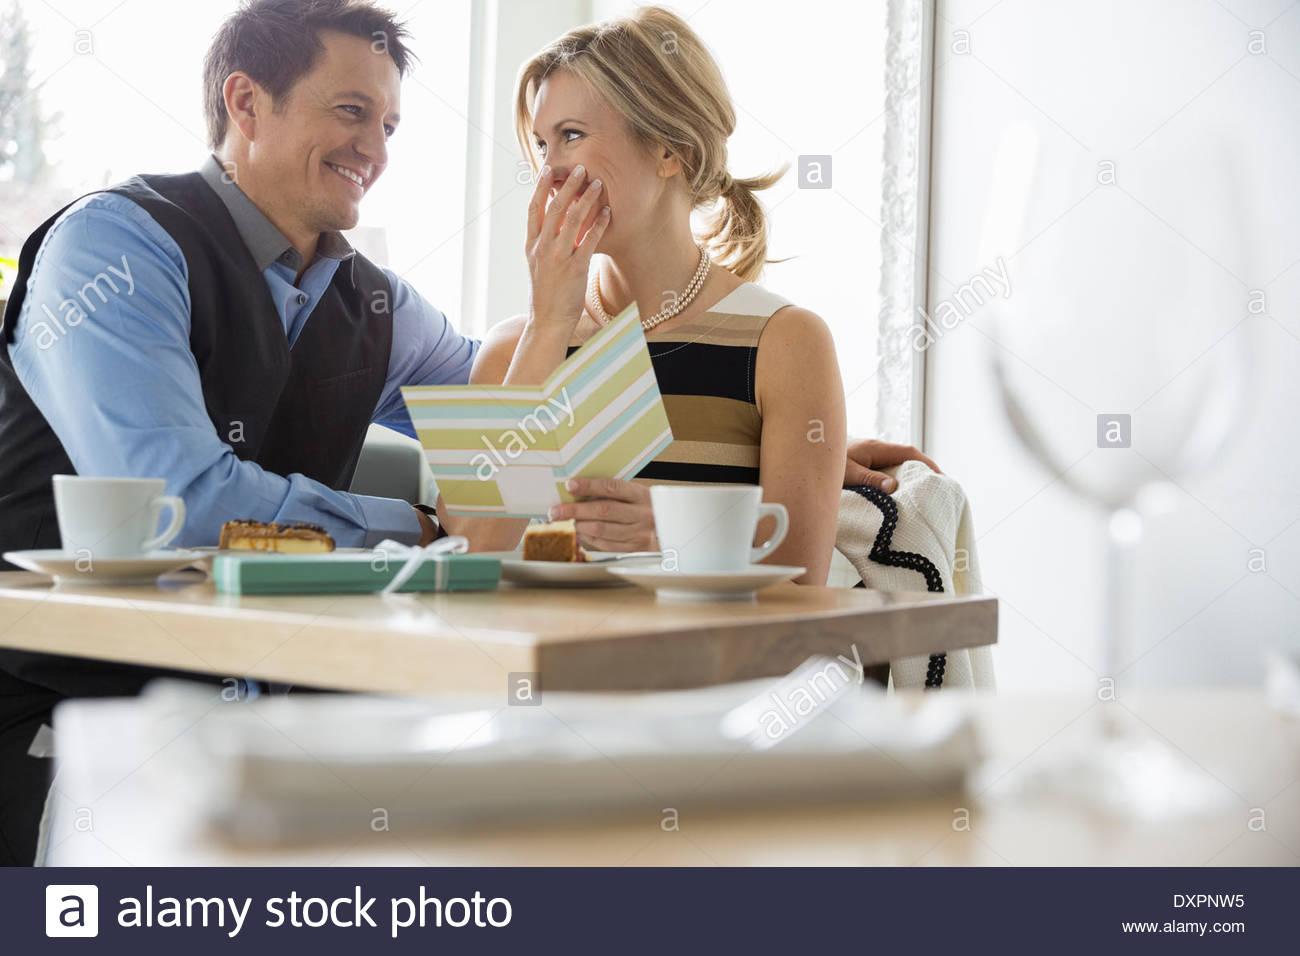 Female friends avec carte à table bistro Photo Stock